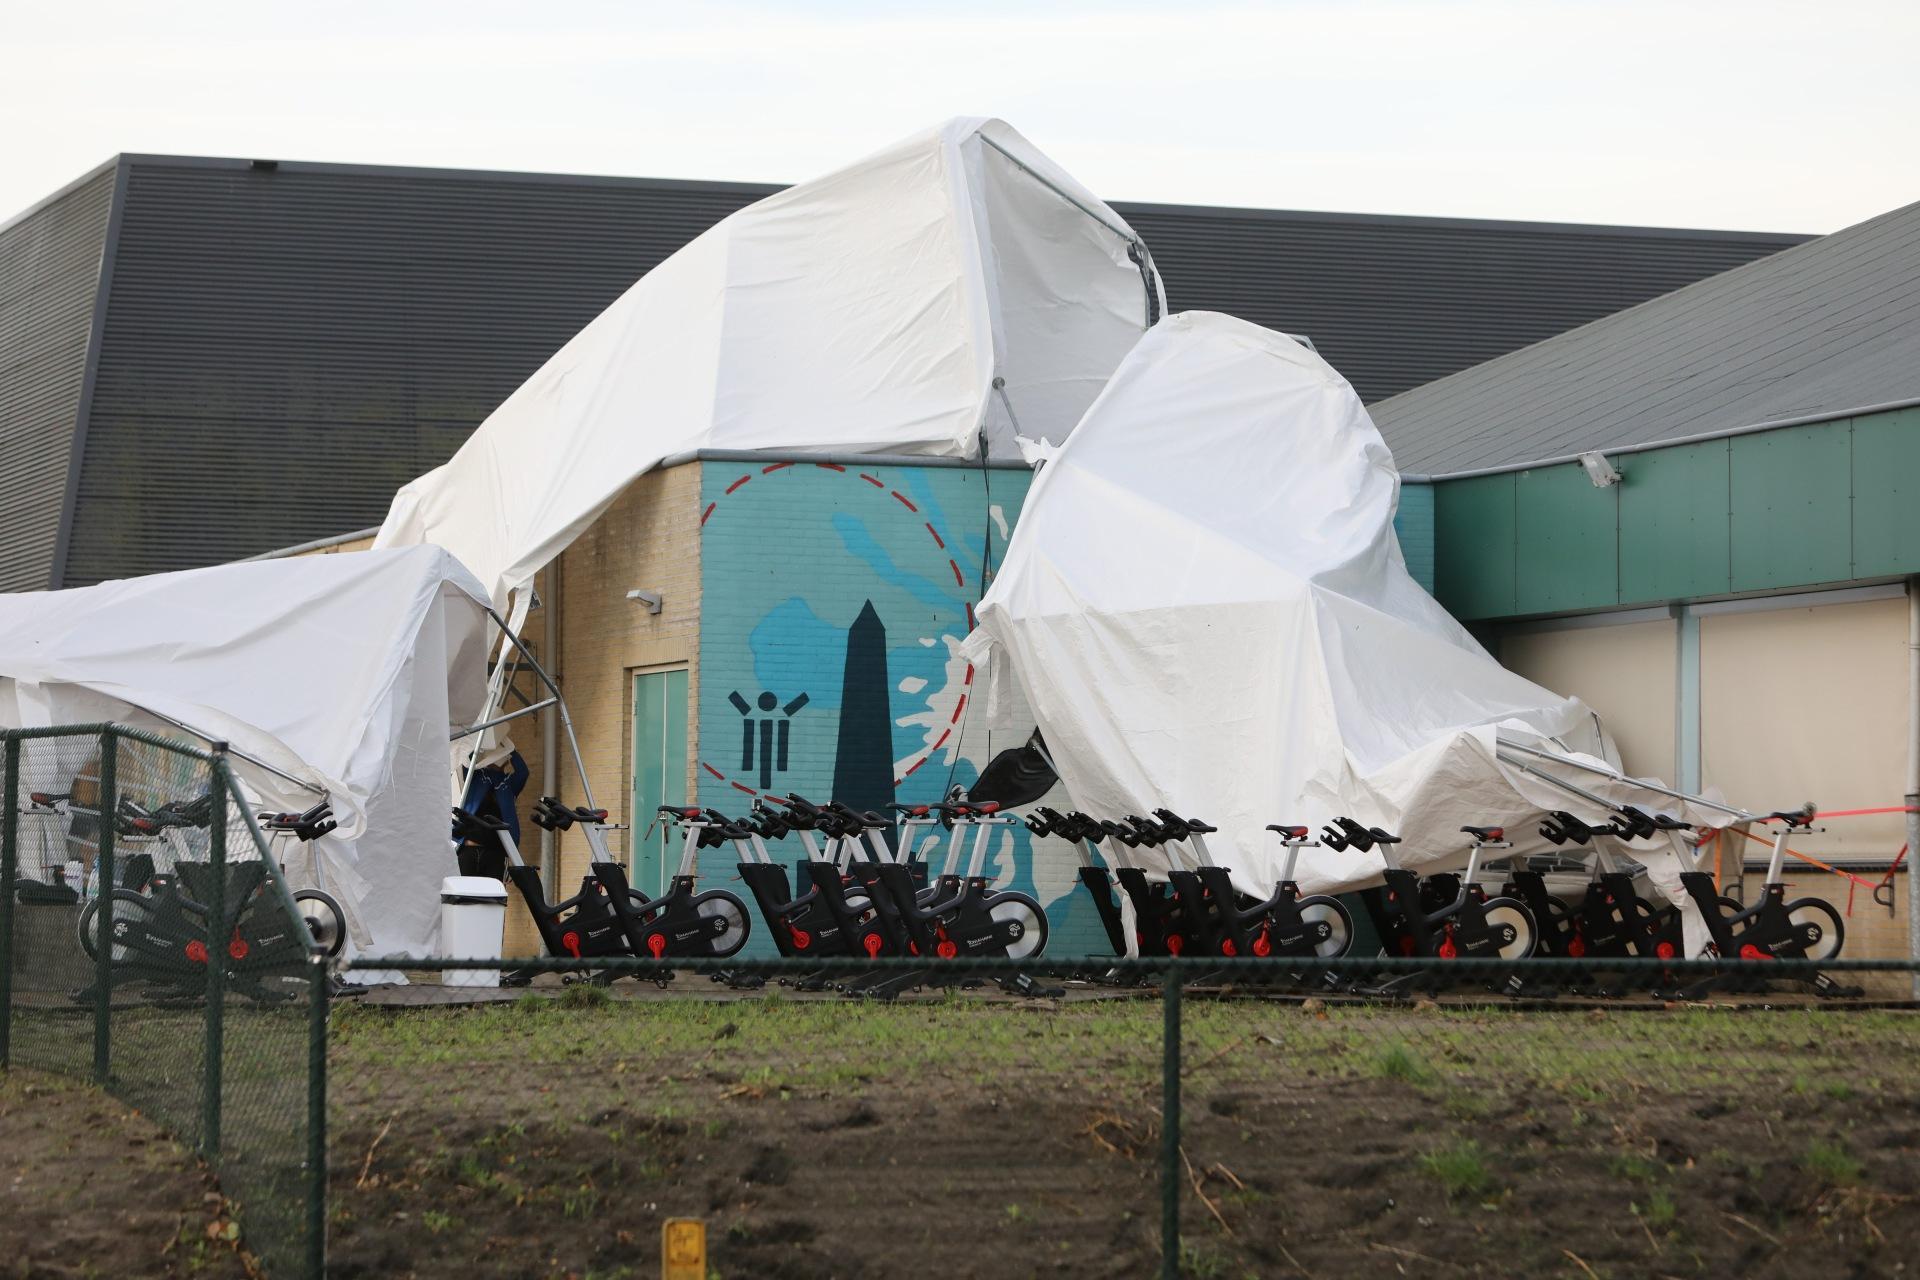 Tent boven spinningtoestellen weggewaaid bij sportcentrum in Baarn